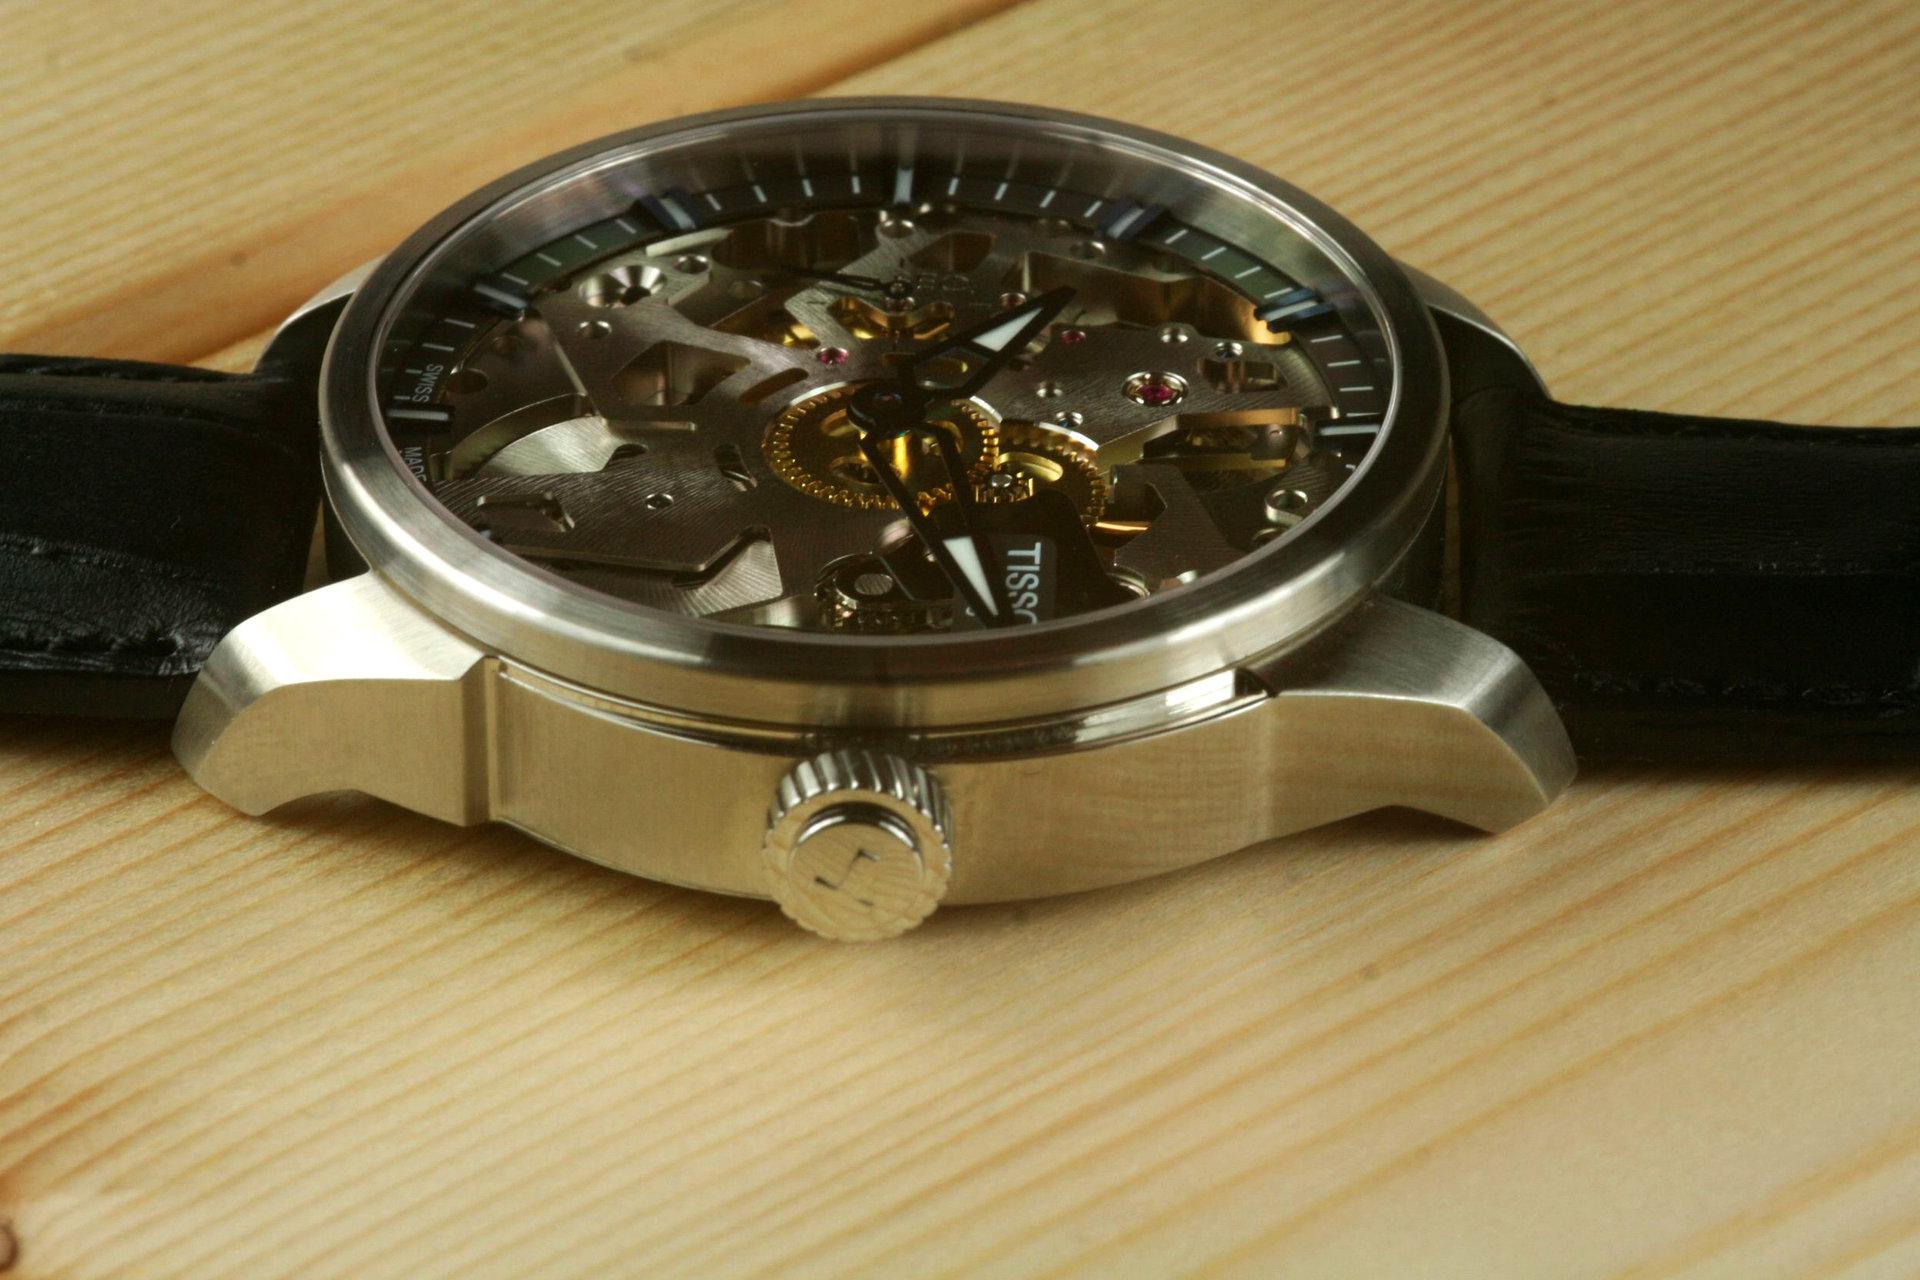 обязательно армейские часы amst 3013 купить образованные, имеющие